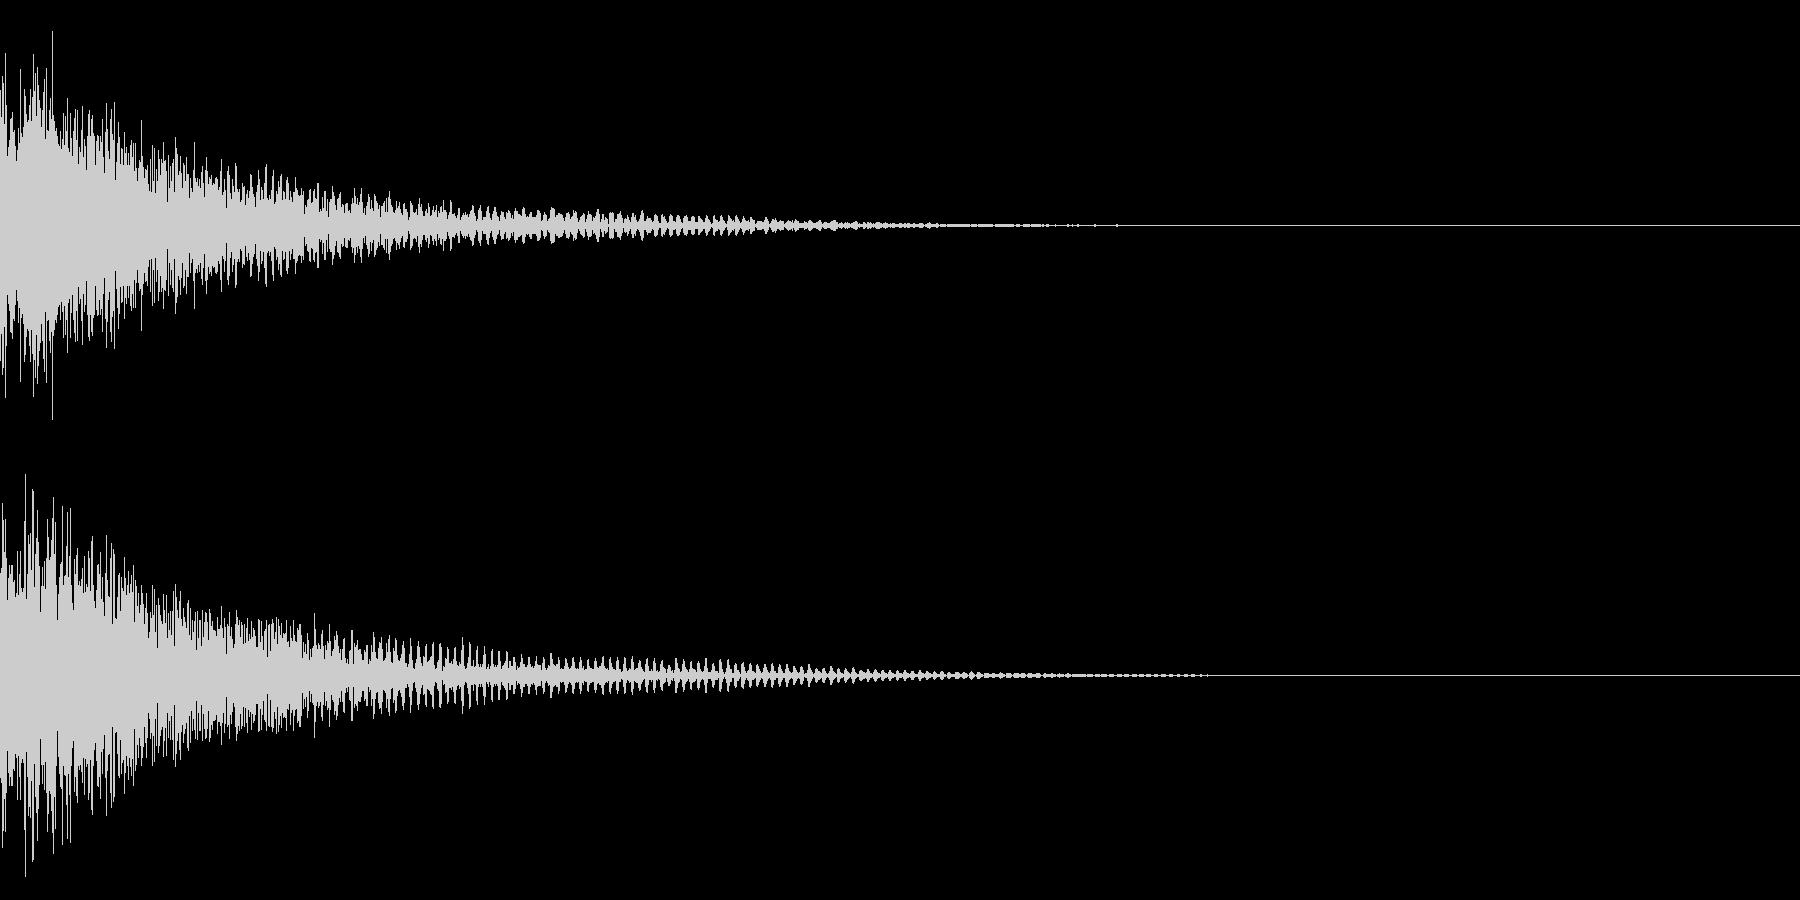 ジャン/クイズ/出題/ヒットの未再生の波形